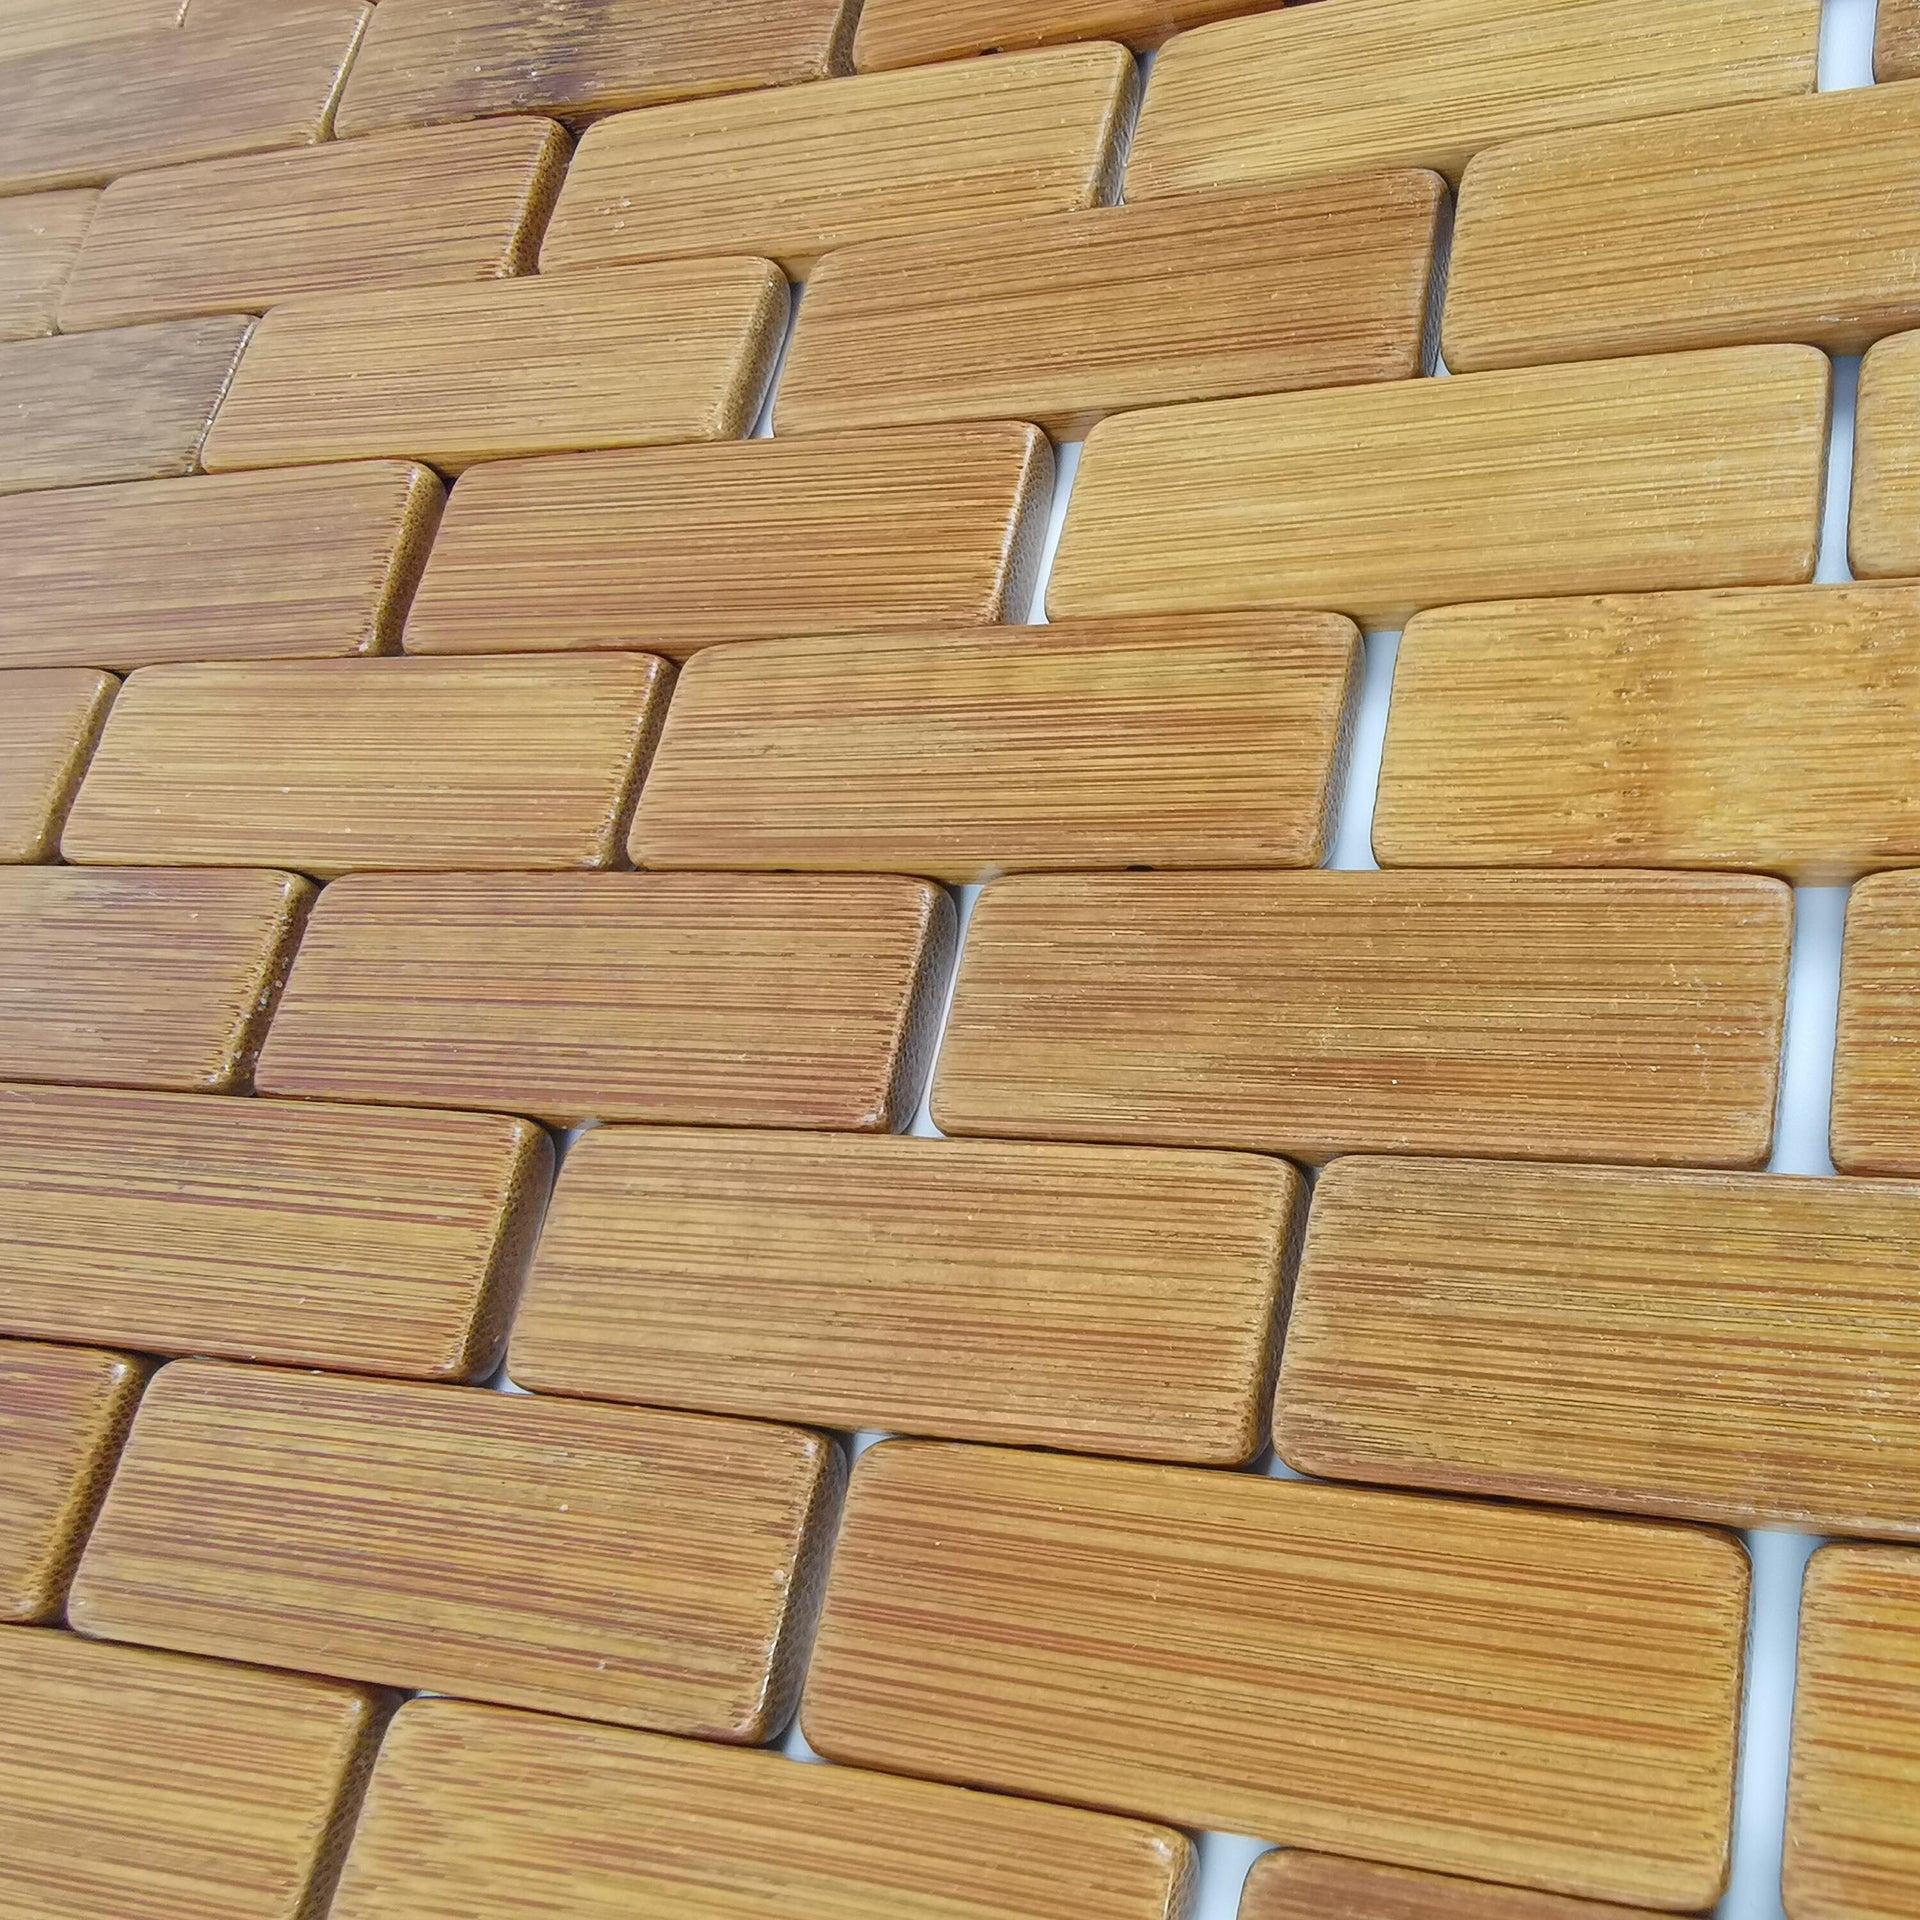 Tappeto bagno rettangolare Domino in bambù marrone 80 x 50 cm - 6